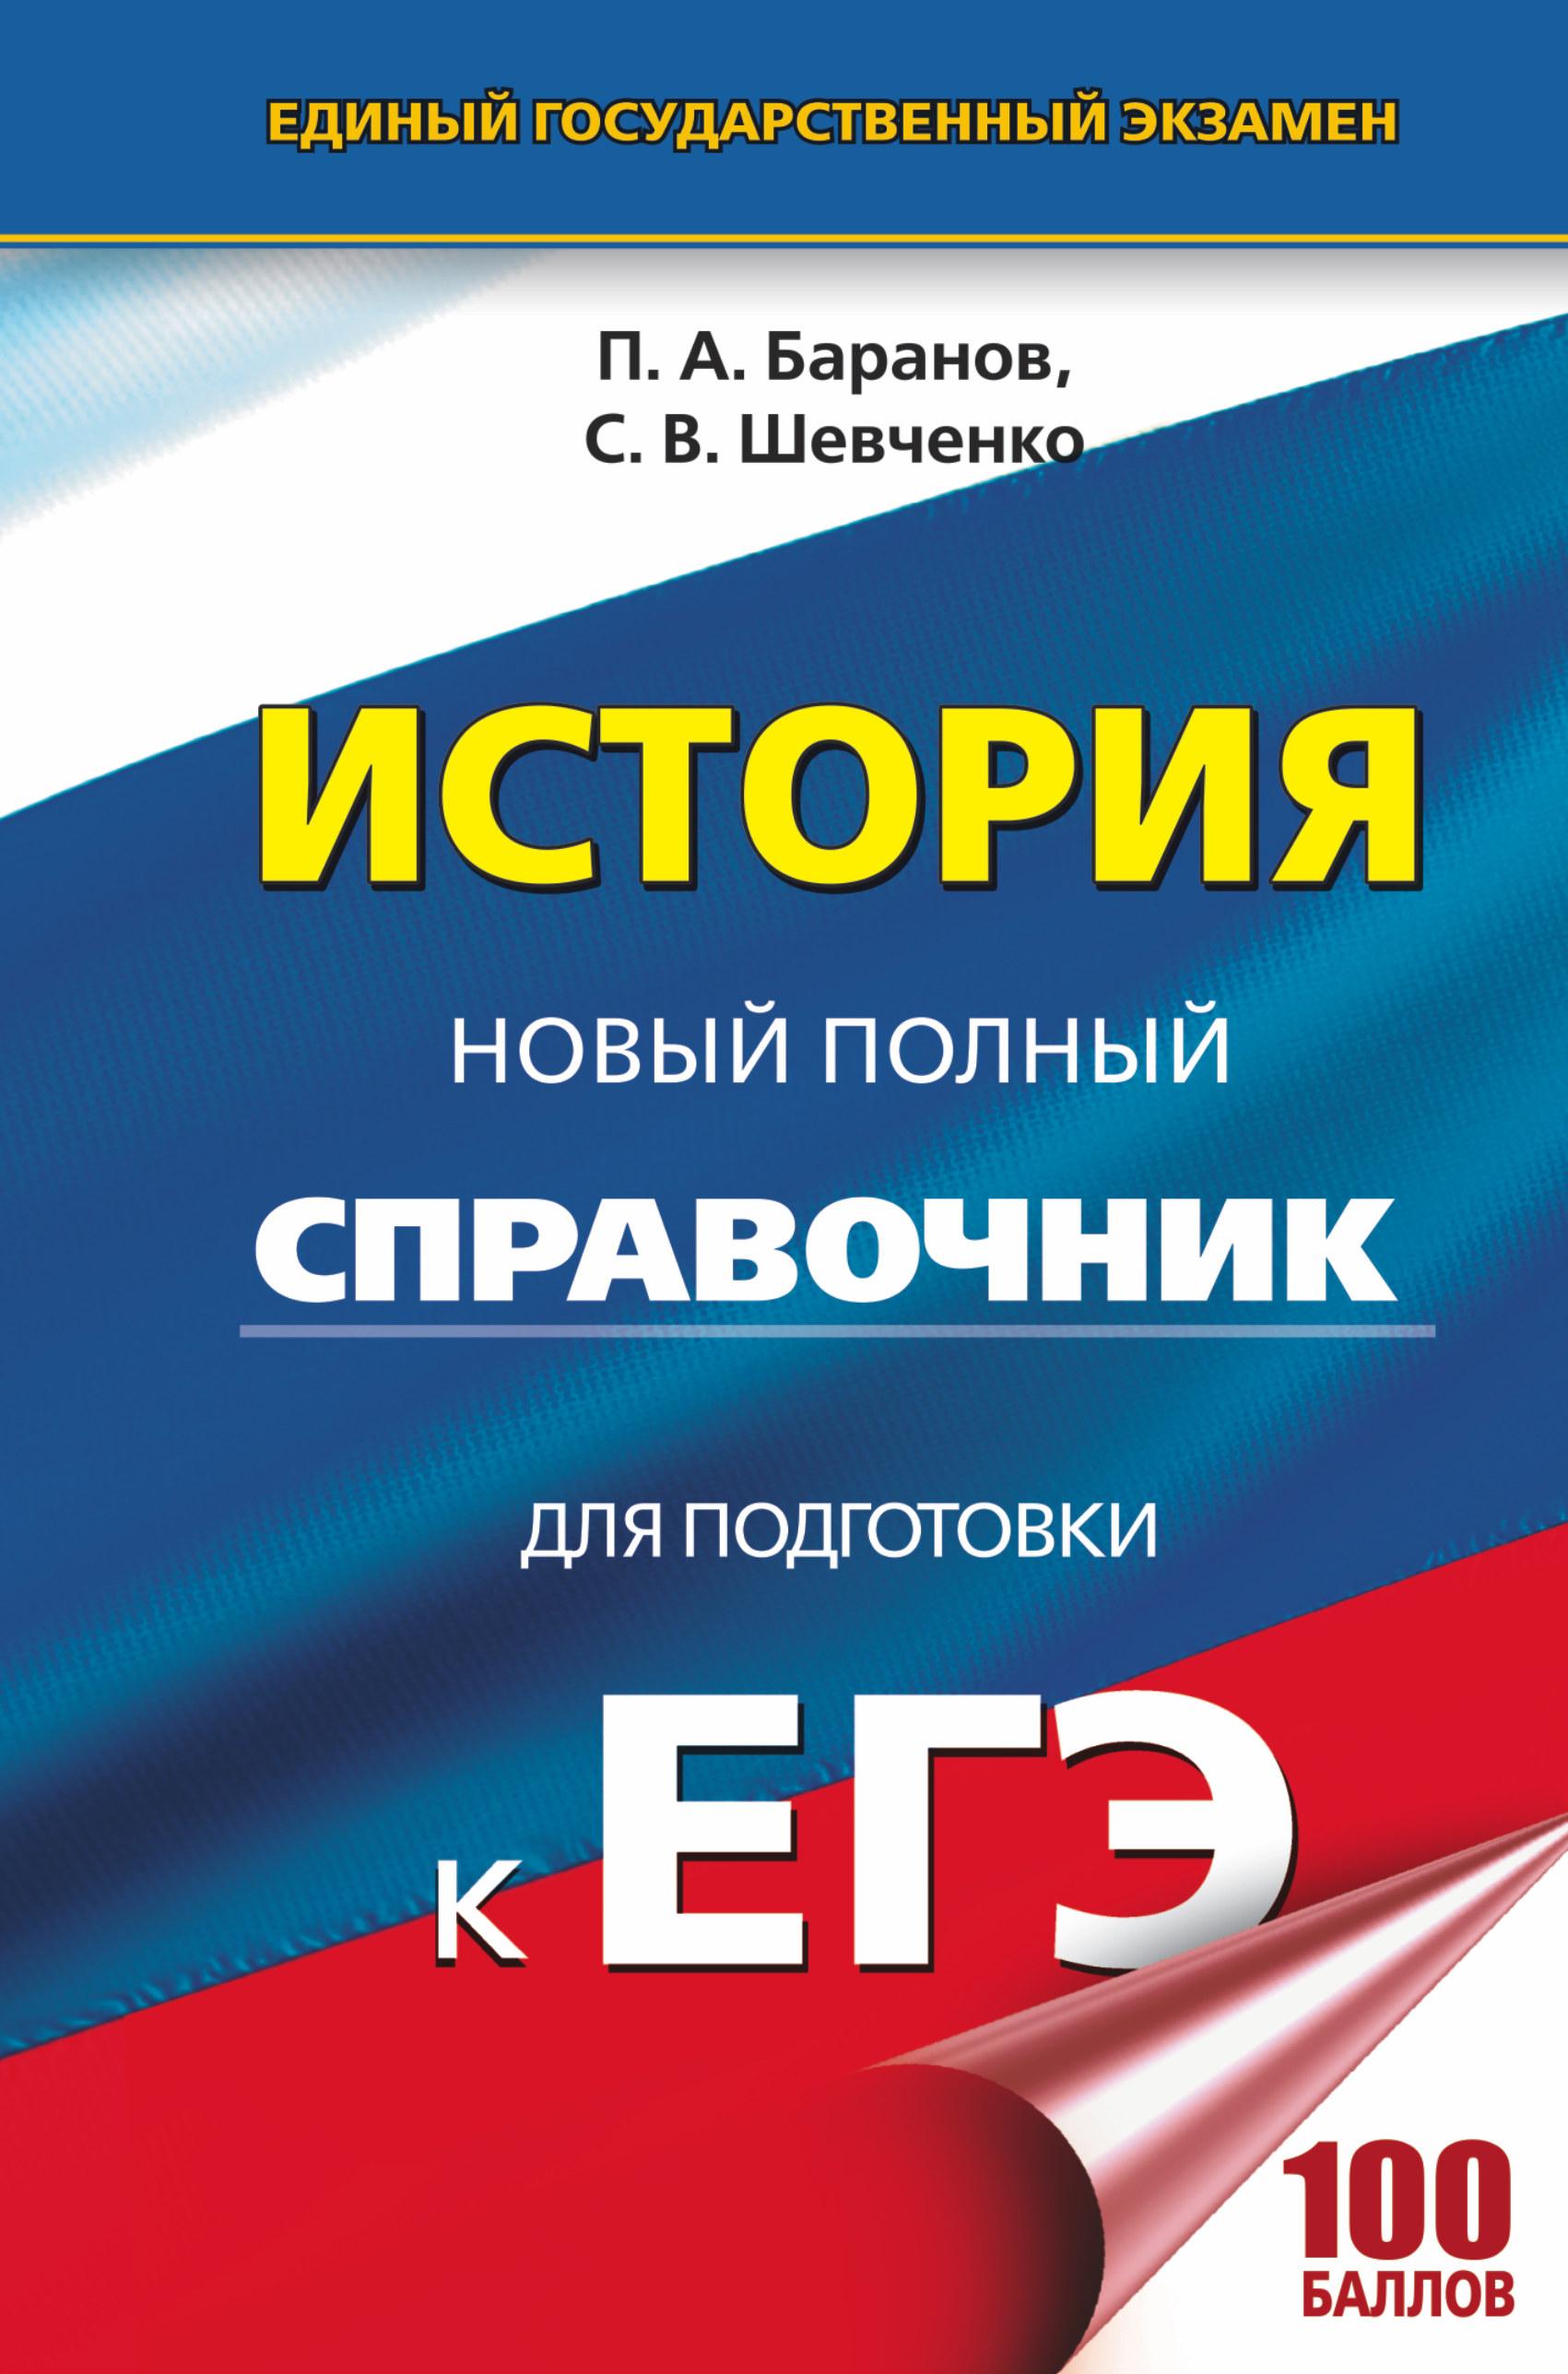 ЕГЭ. История. Новый полный справочник для подготовки к ЕГЭ Баранов Шевченко